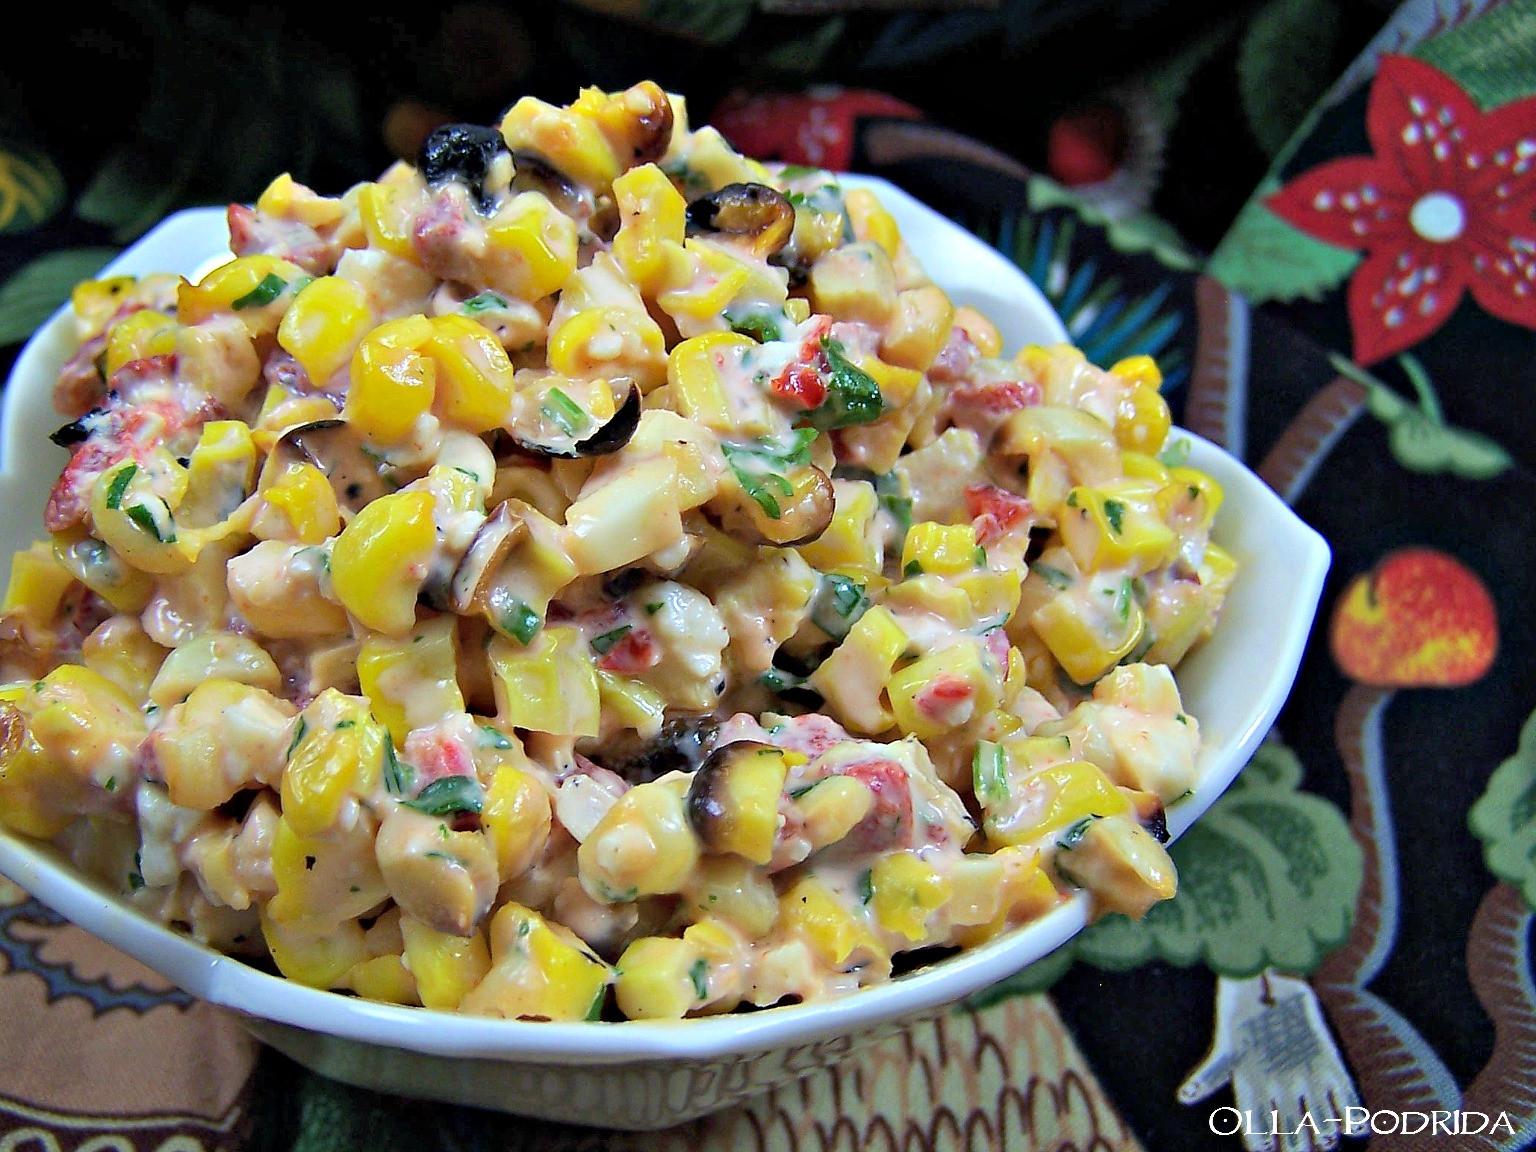 Mexican Street Corn Off The Cob  Olla Podrida Mexican Street Corn f the Cob